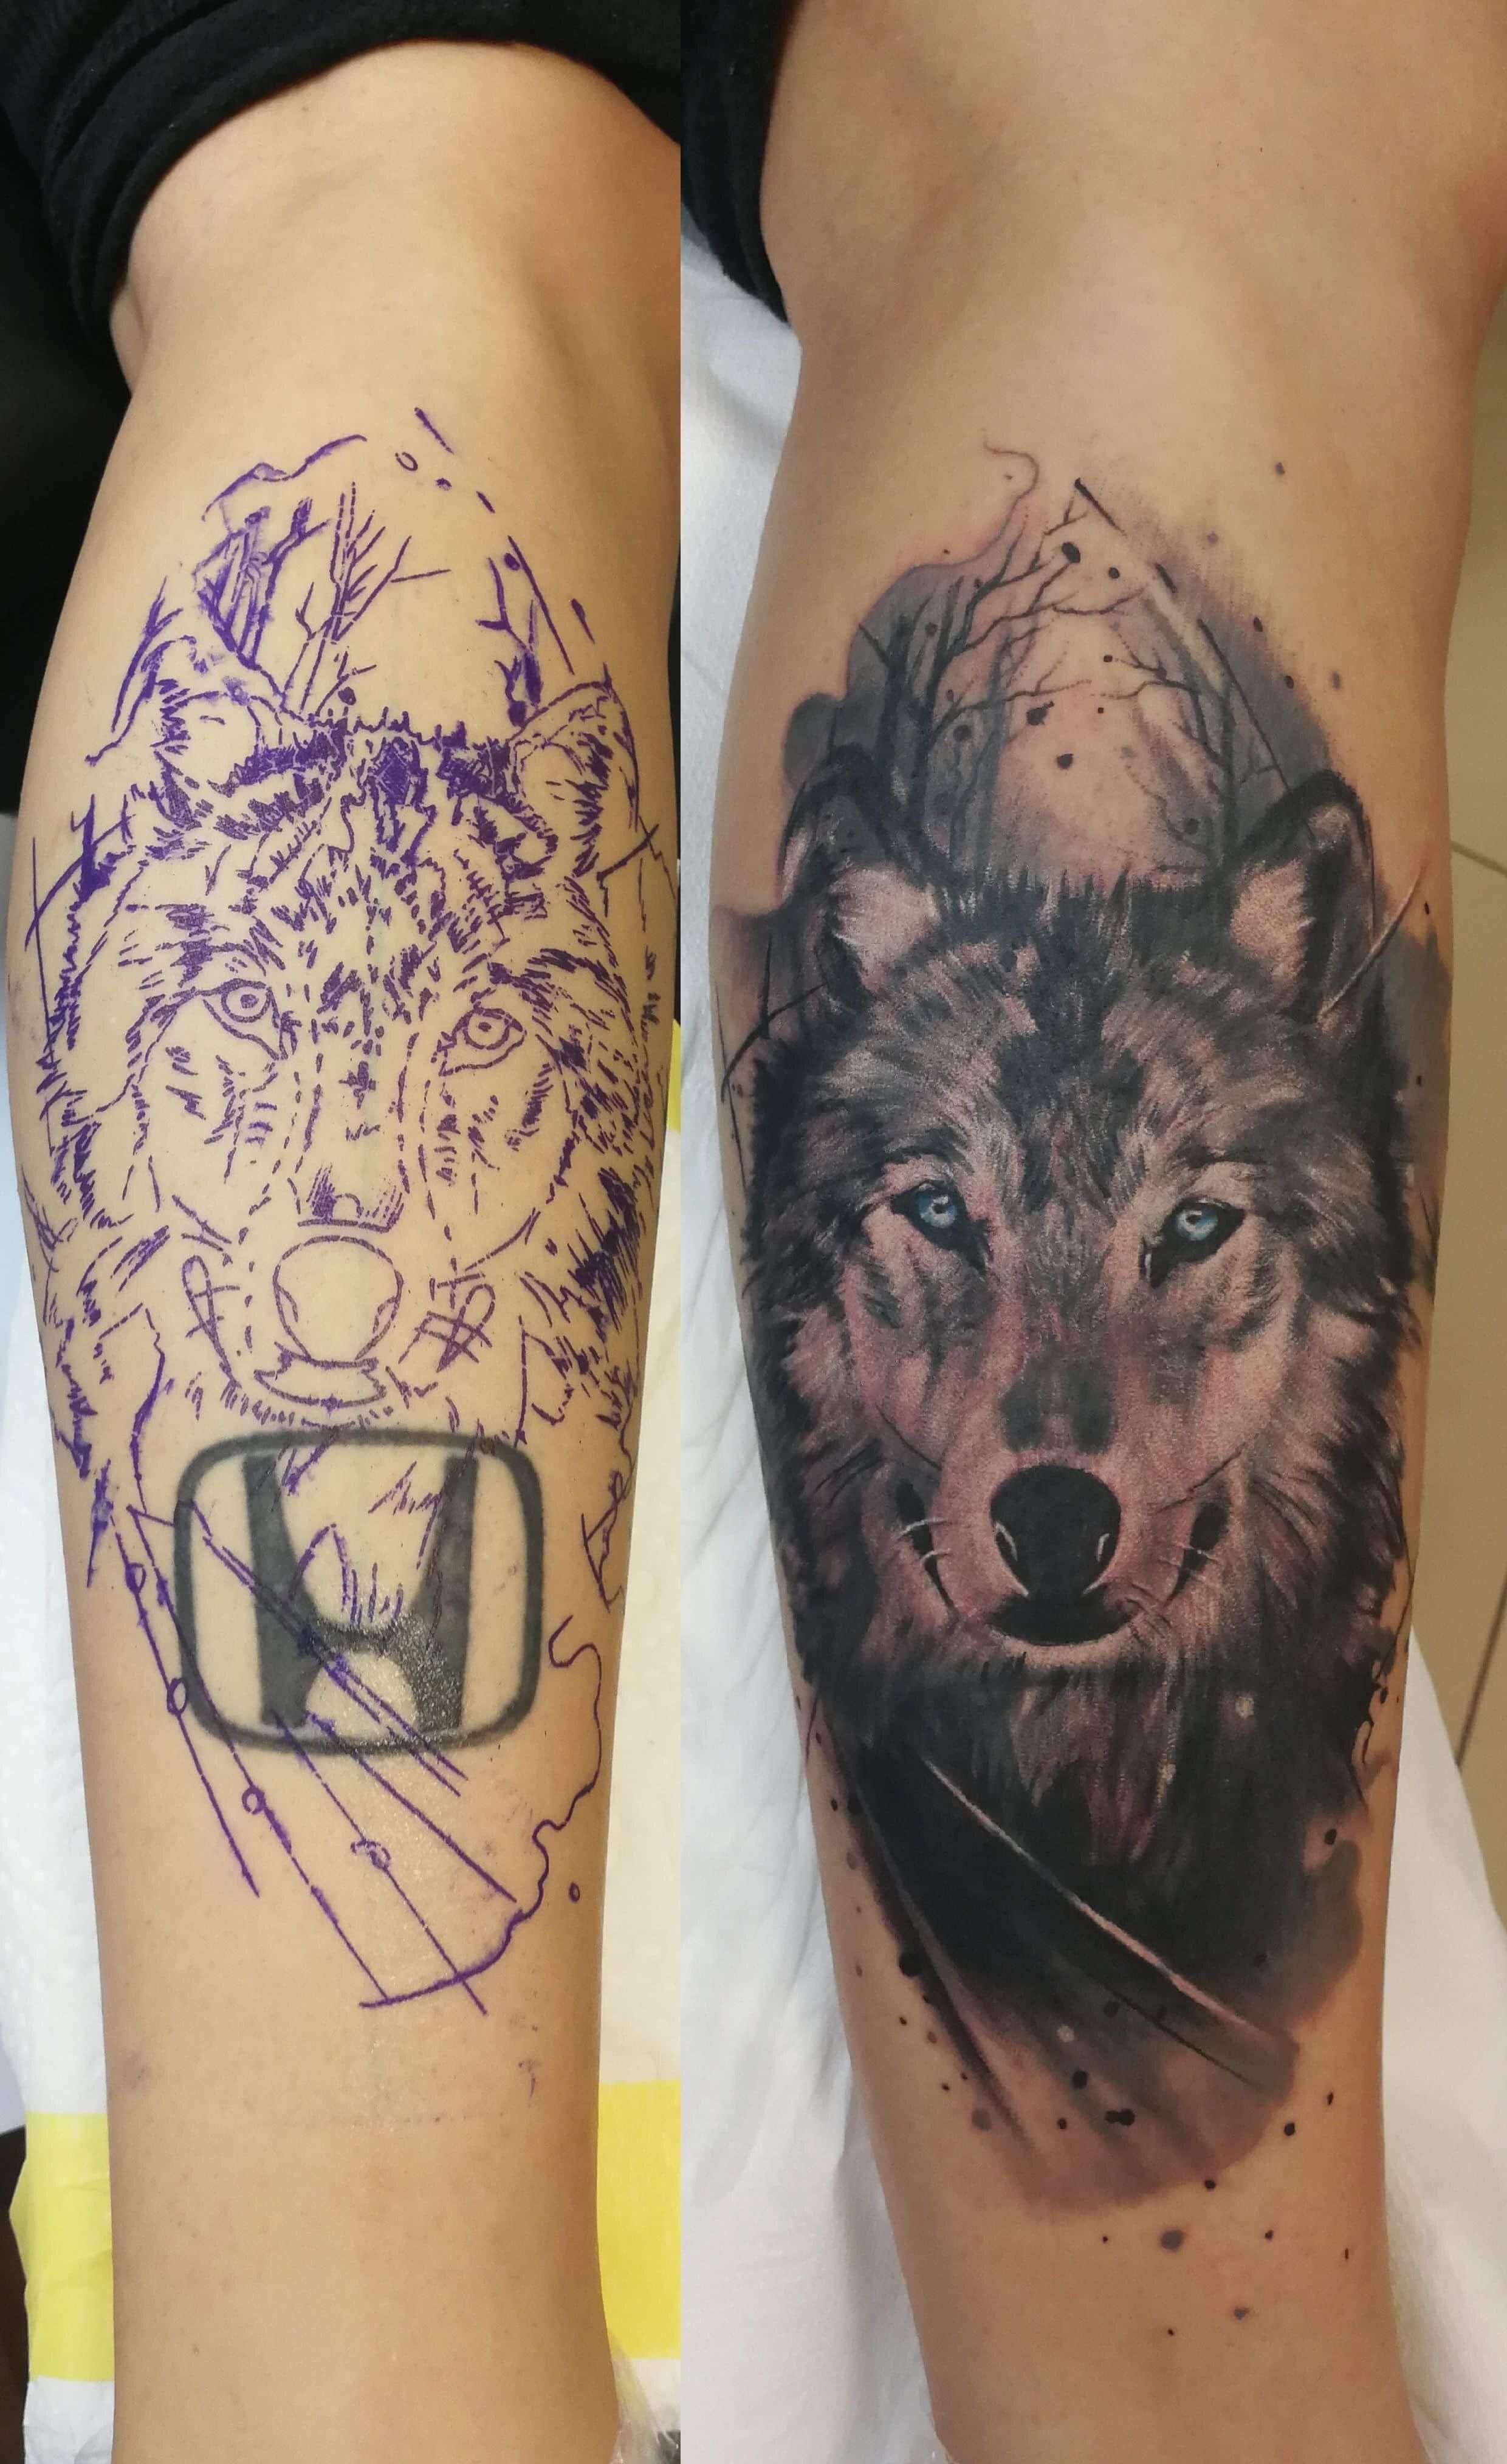 Coverup Tattoo Tattoomannheim Honda Andreisiclovan Wolf Wolftattoo Wulf Hautkultur Tattoo Mannheim Tattoo Und Piercing Tattoo Studio